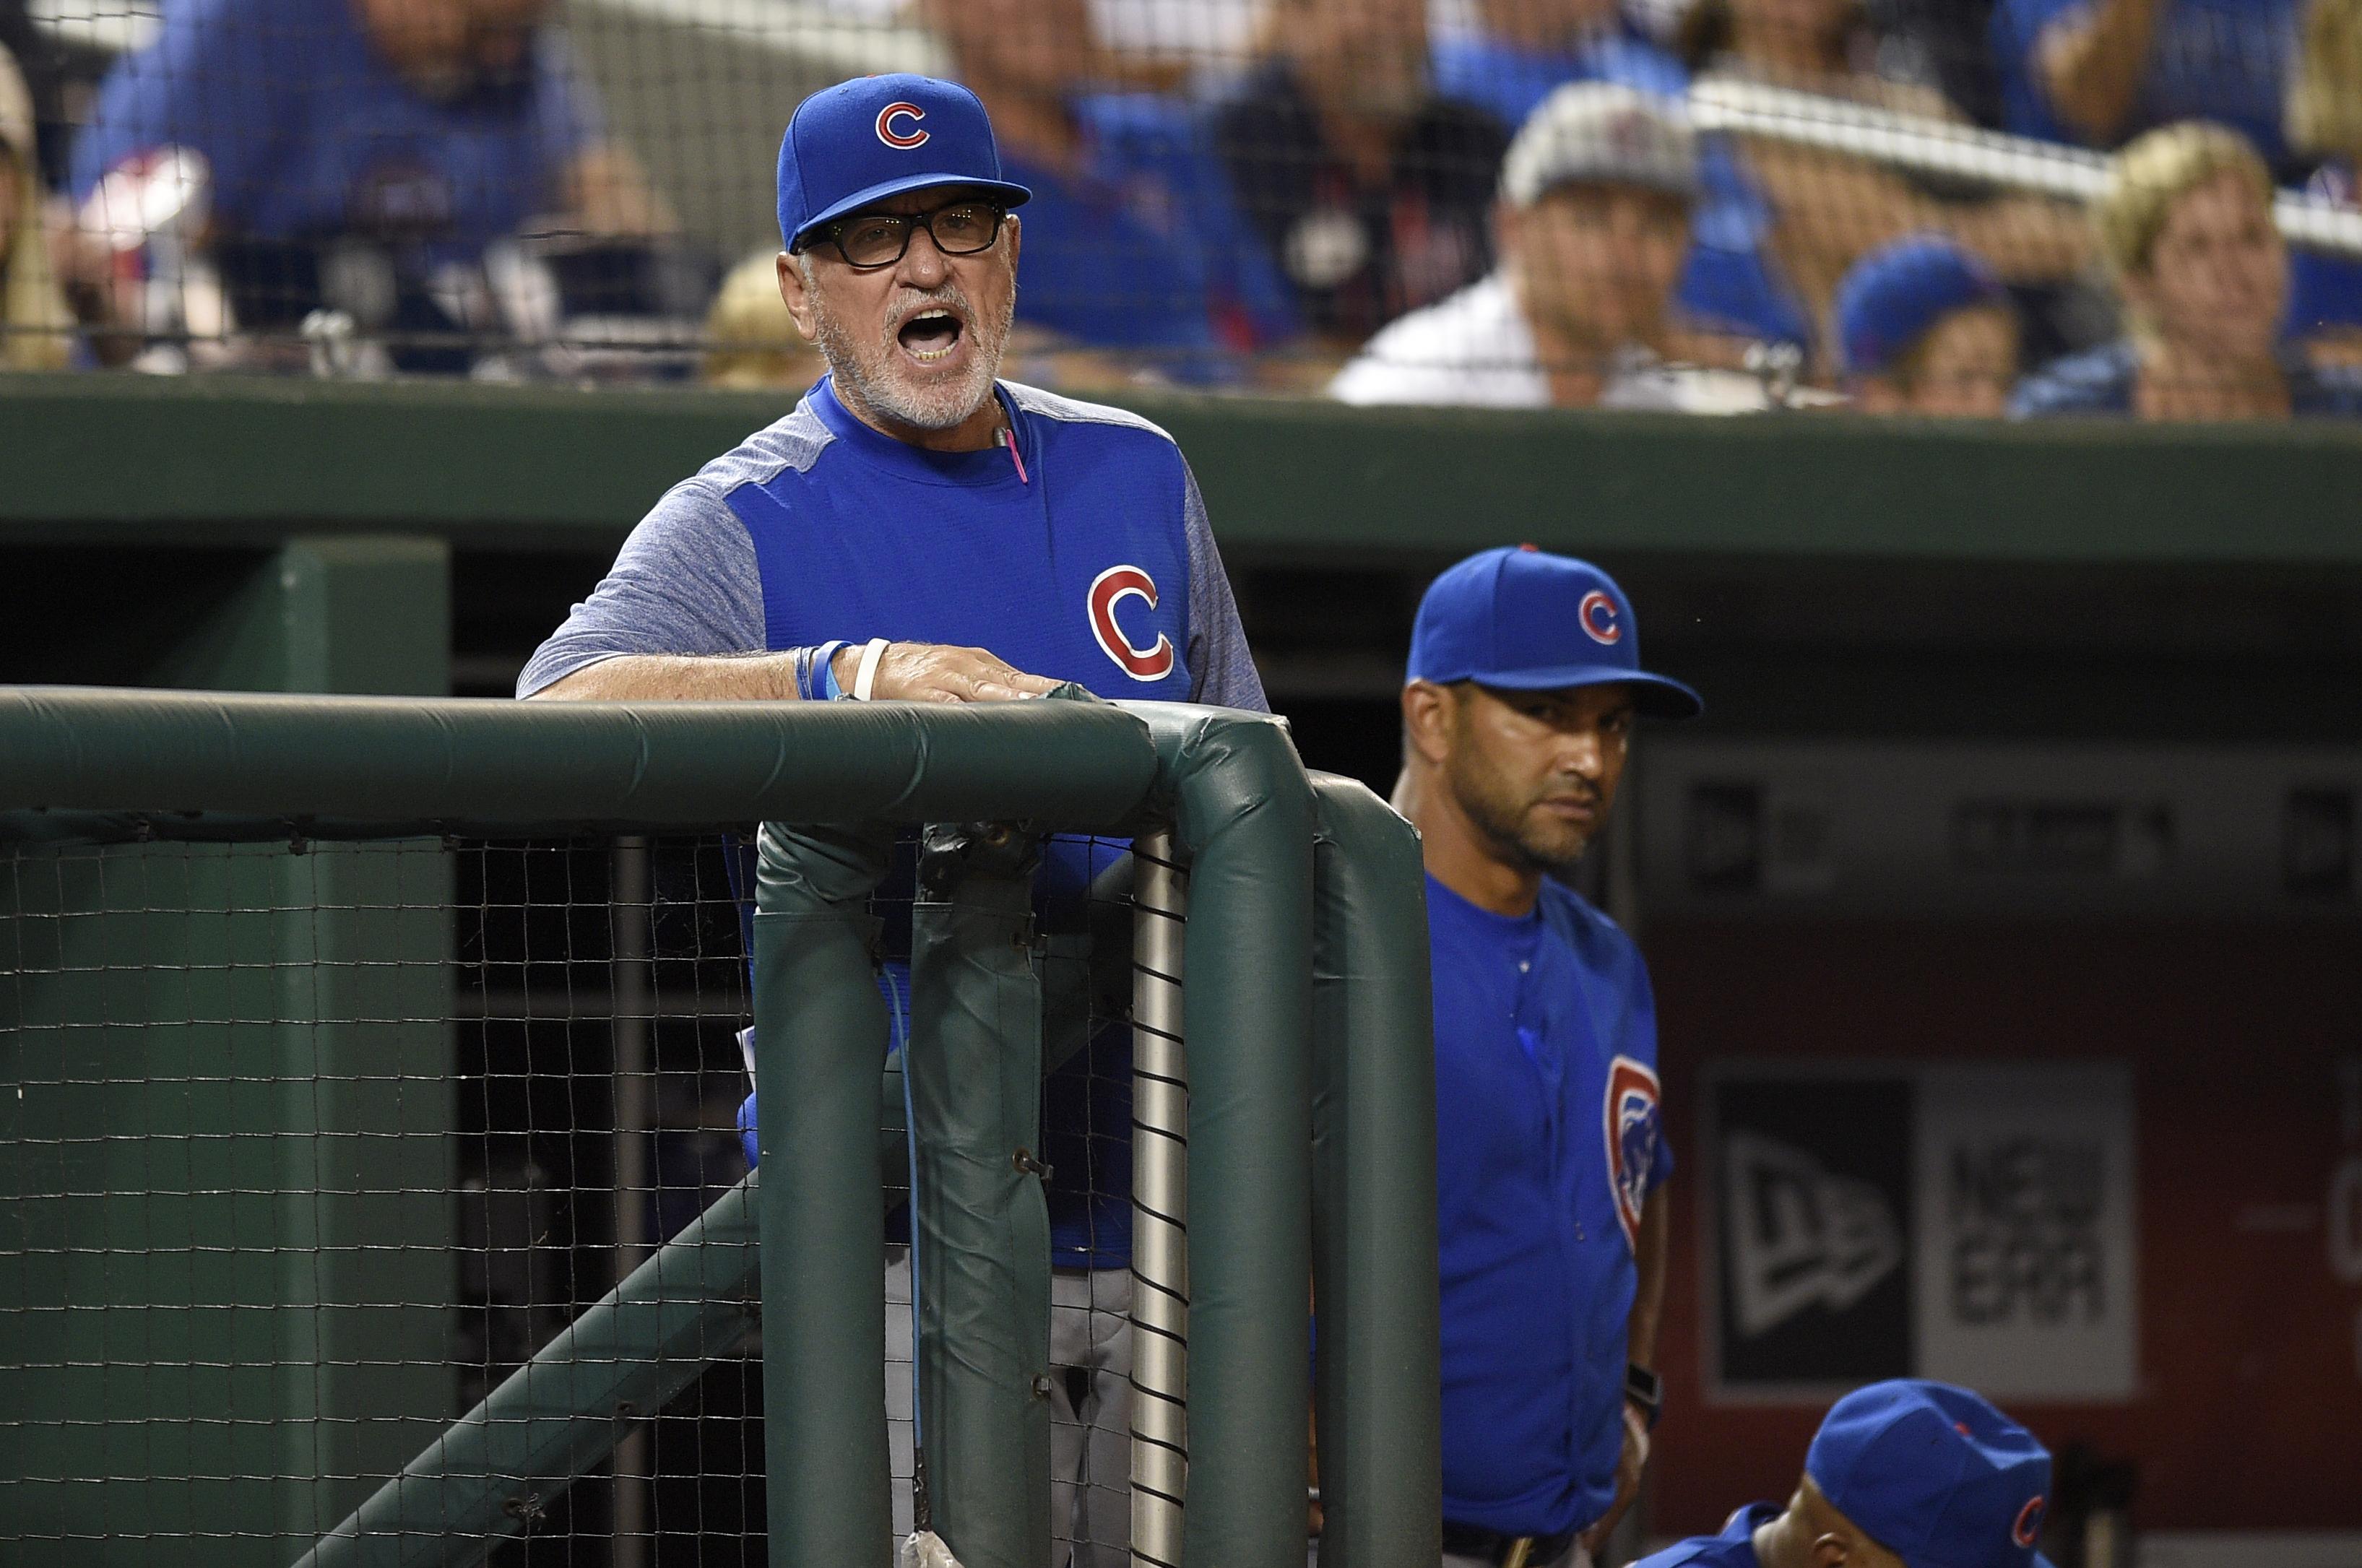 Cubs_nationals_baseball_36954.jpg-a4c20